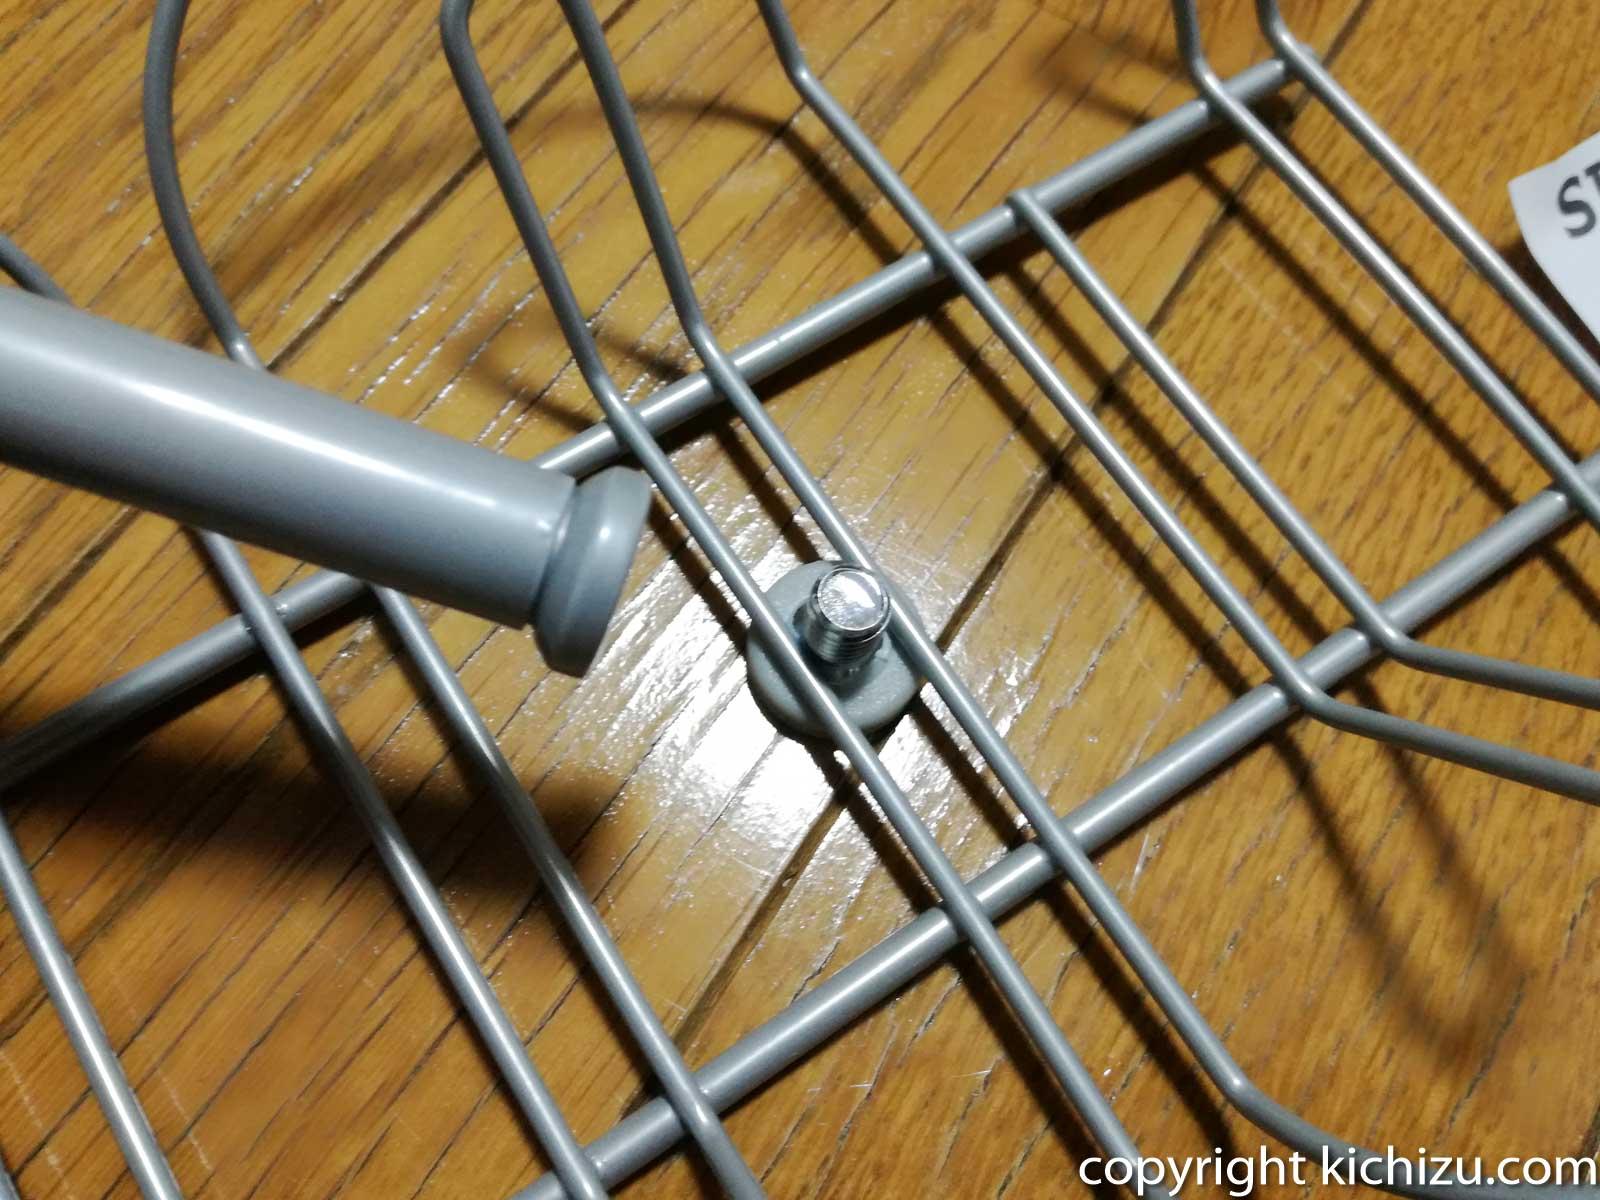 IKEAのケーブルオーガナイザーの仕組み